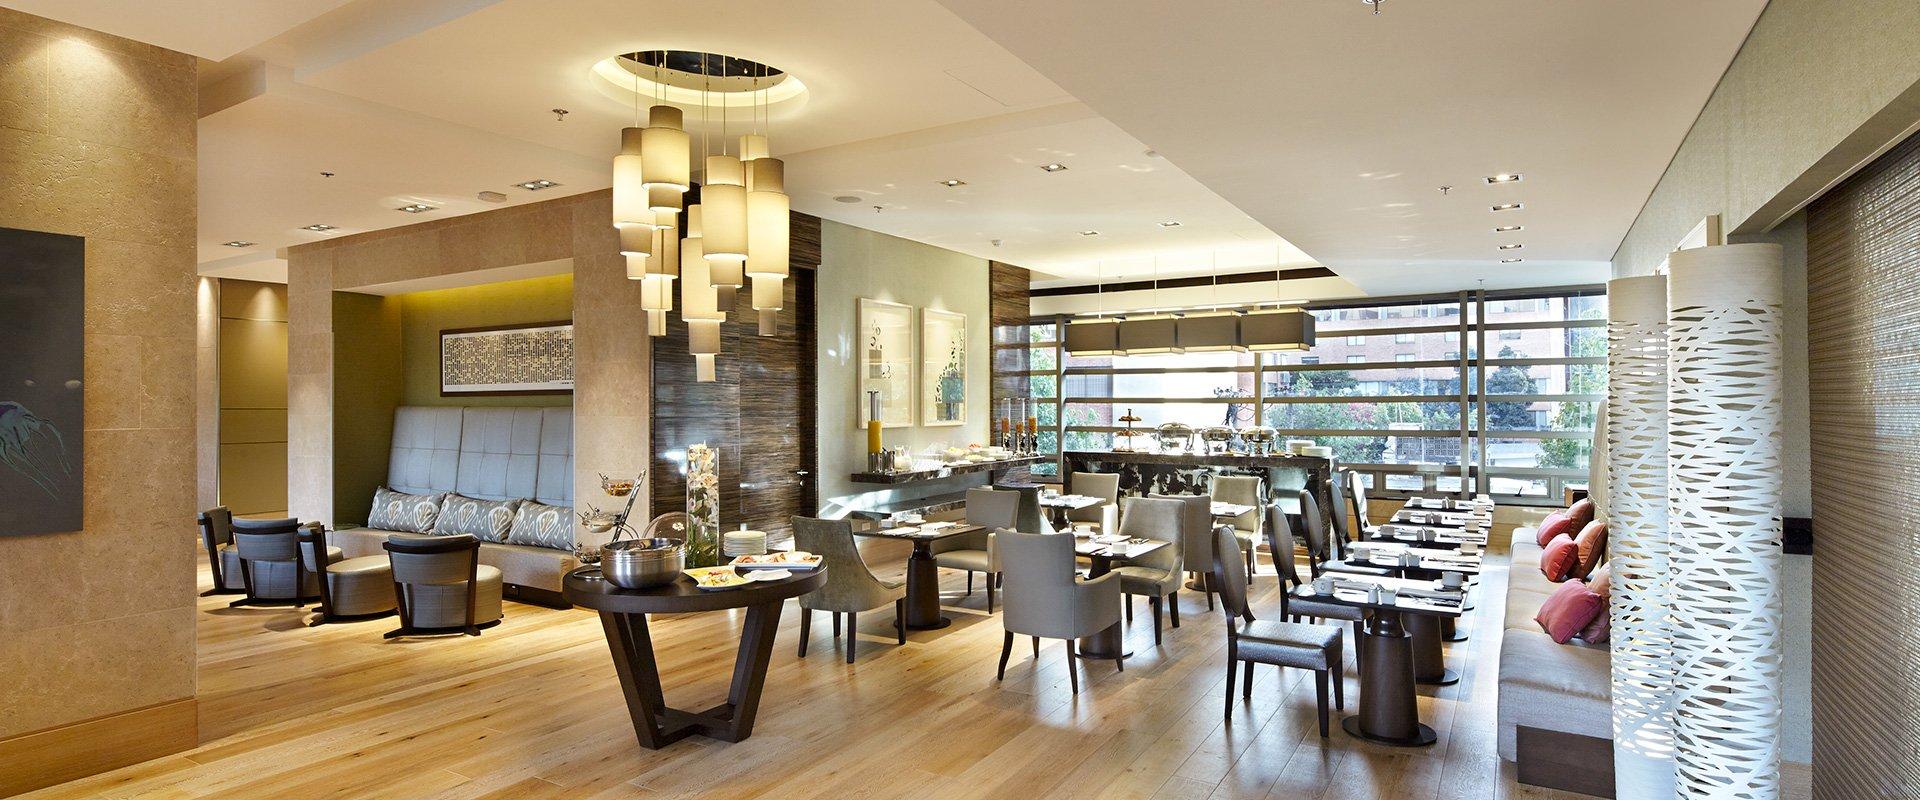 Ek hotel restaurant